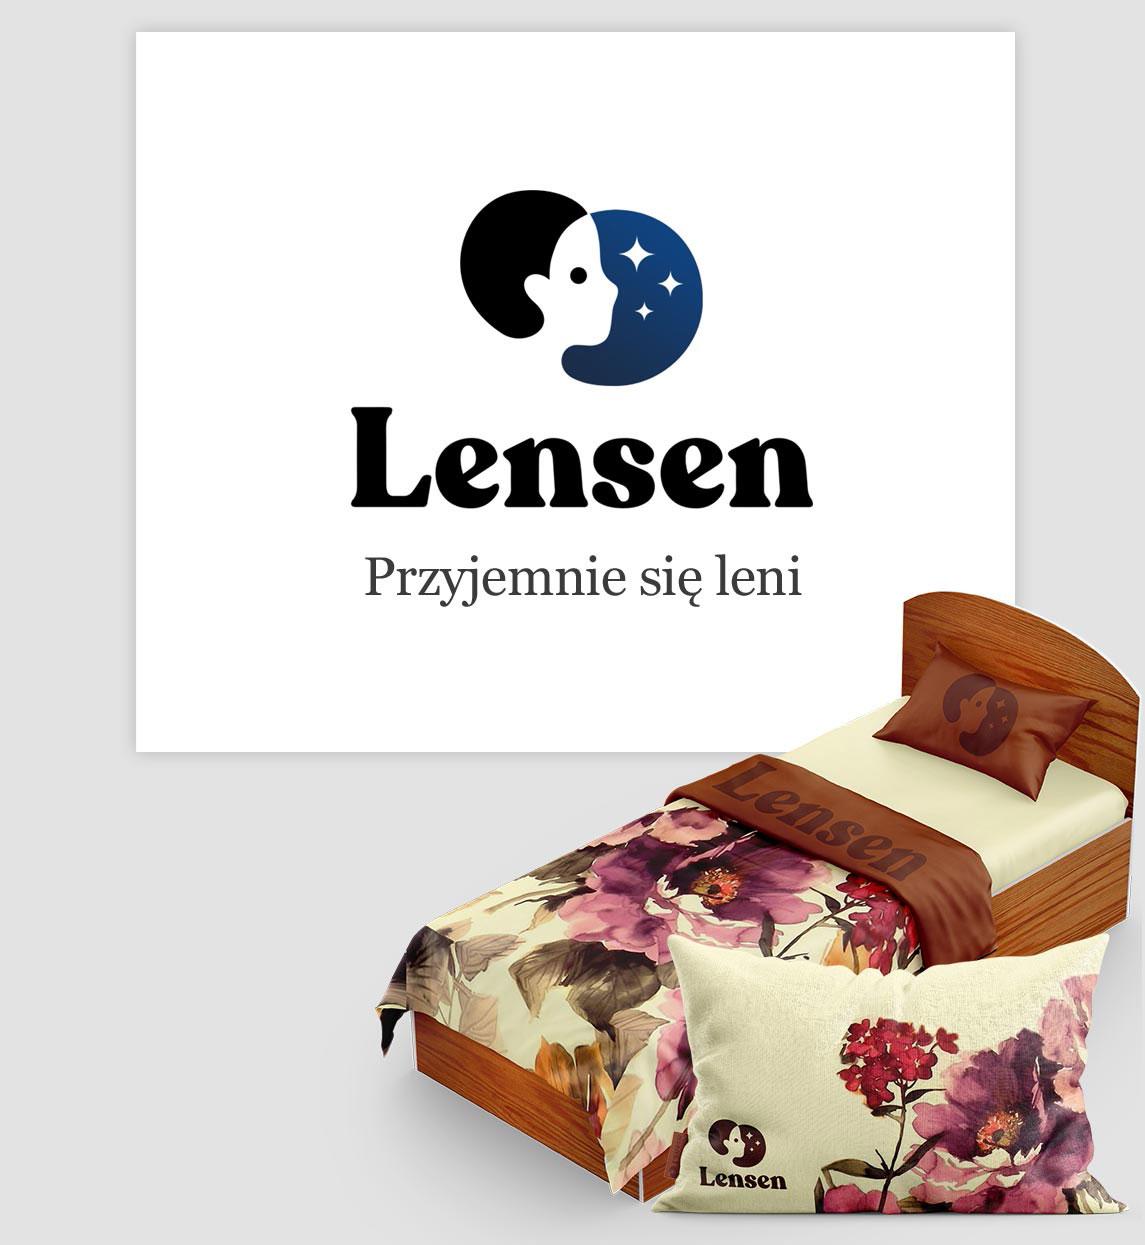 Projektowanie logo na przykładzie Lensen